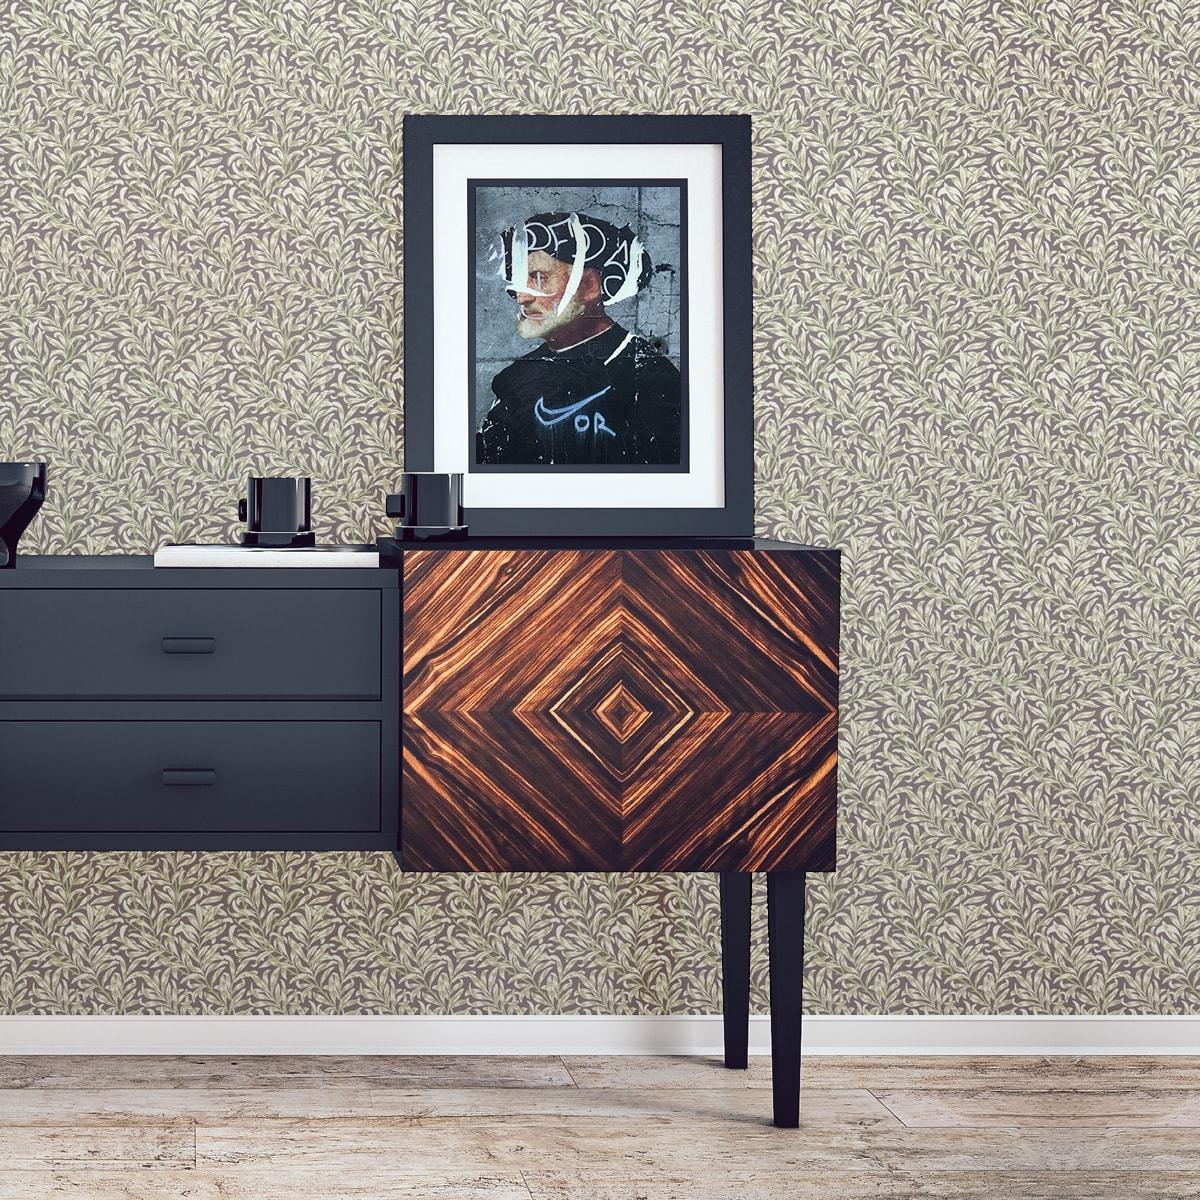 """Vintage Jugendstil Tapete """"Wilde Weiden"""" nach William Morris, braune Vlies Tapete Blumen Natur, elegante Wanddeko für Flur, Büro"""